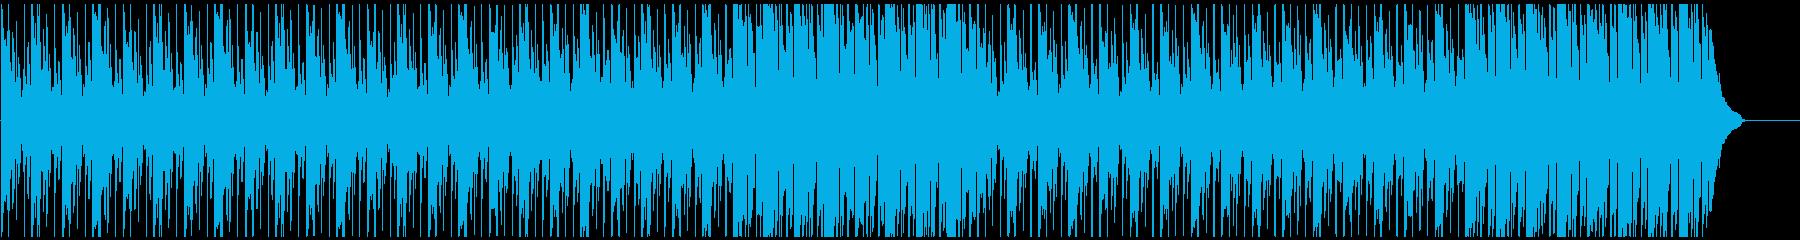 企業VPに わくわく・爽やかピアノメインの再生済みの波形